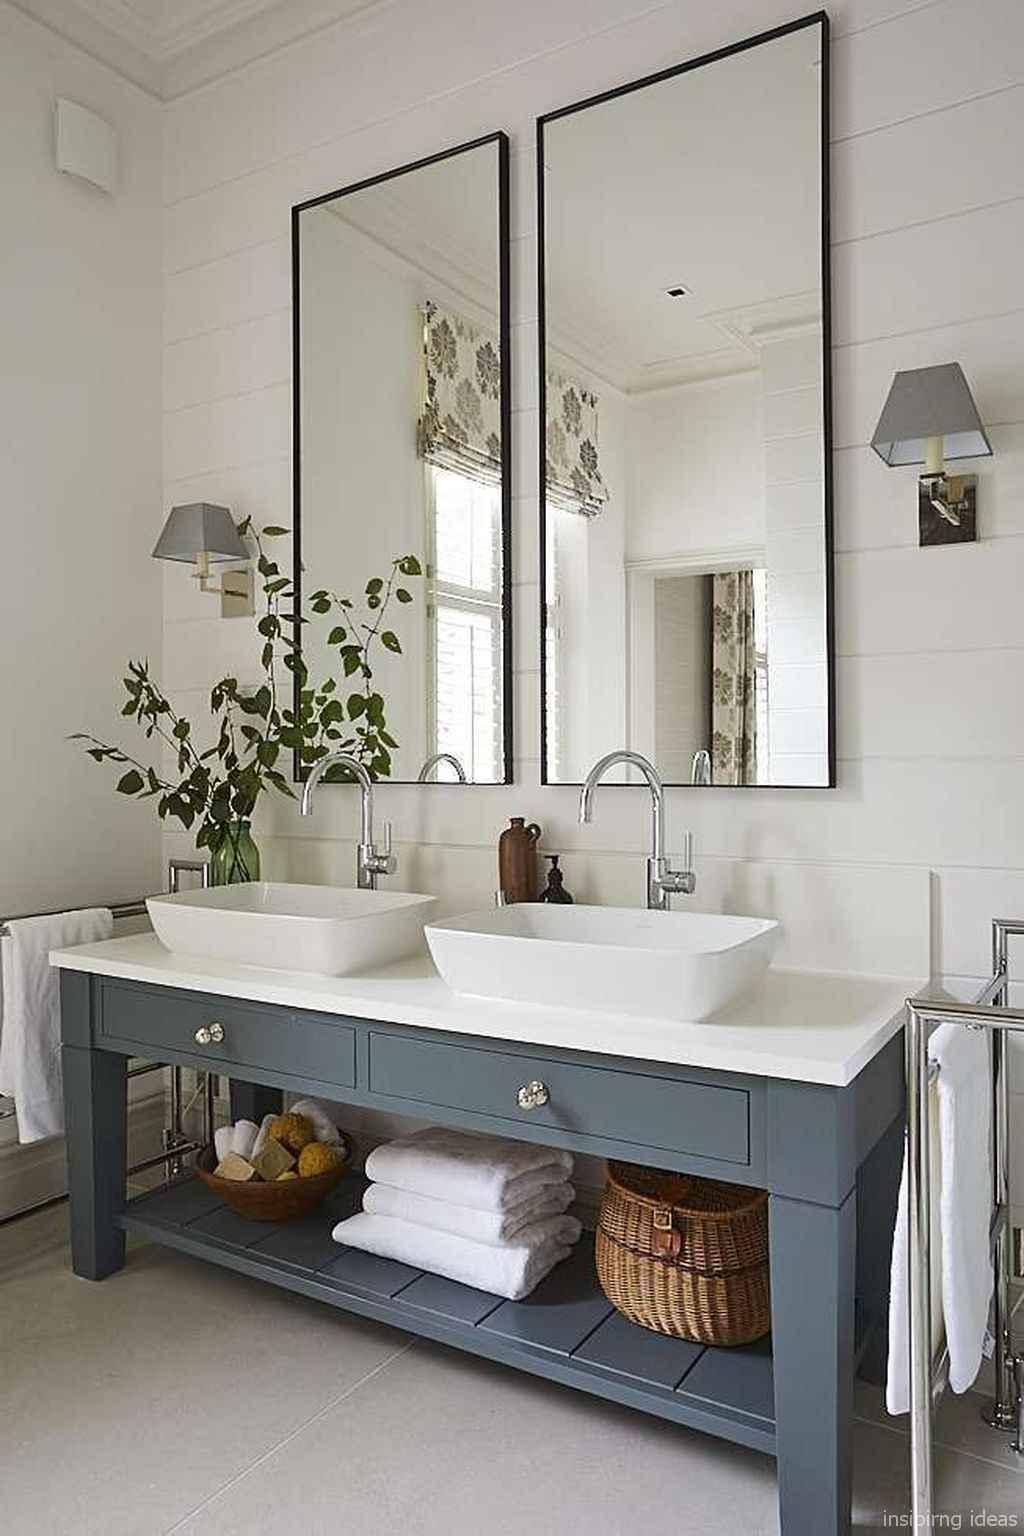 44 fabulous modern farmhouse bathroom vanity ideas - Room ...